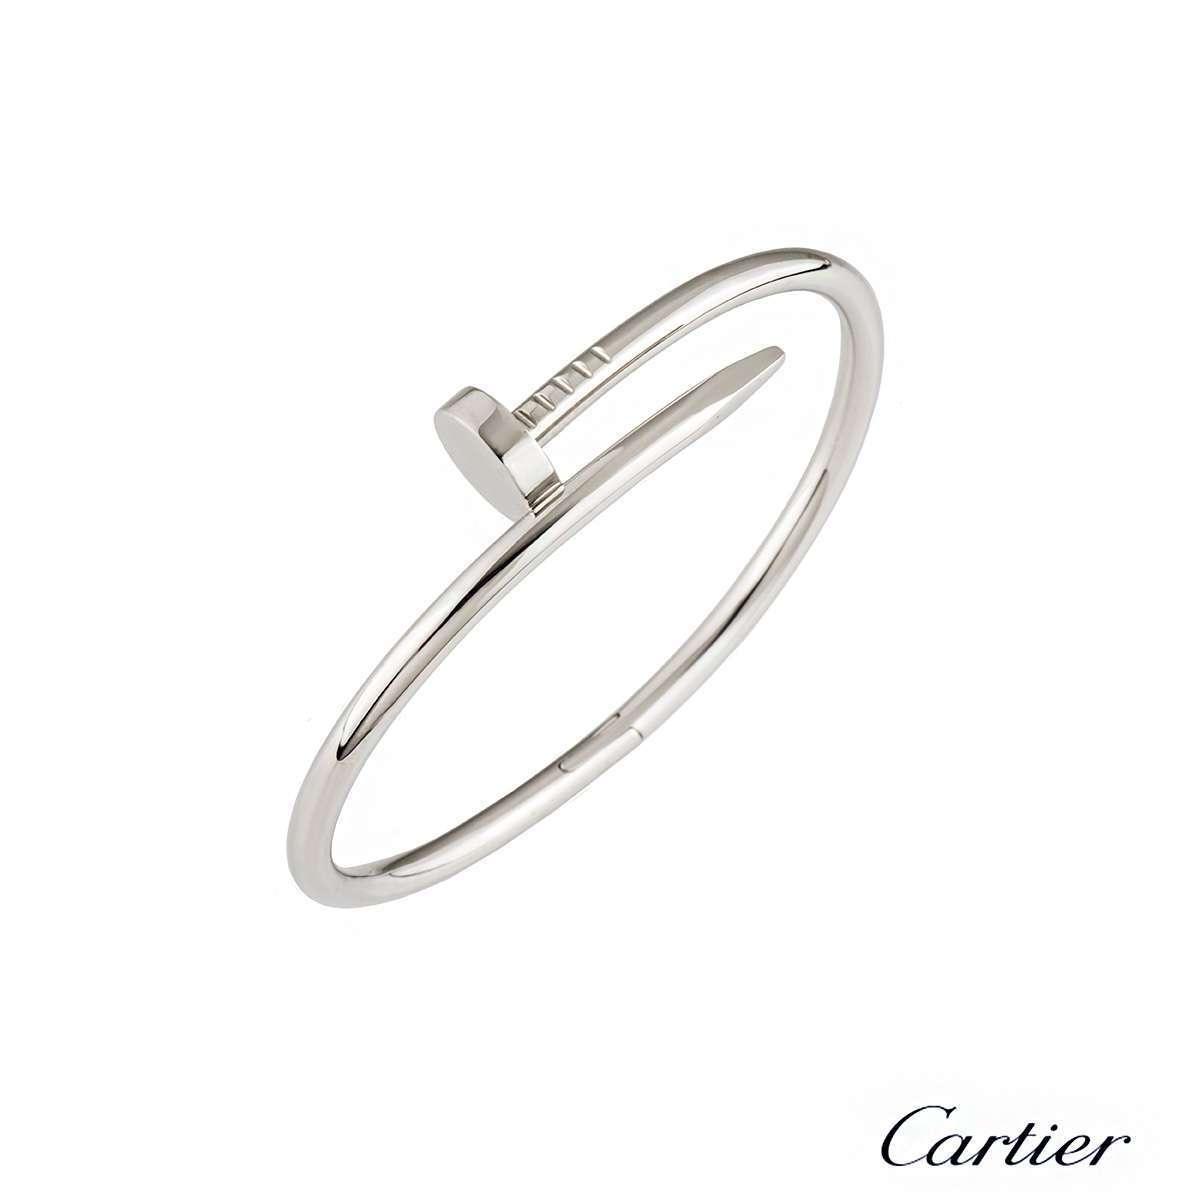 Cartier White Gold Juste un Clou Bracelet Size 18 B6041818